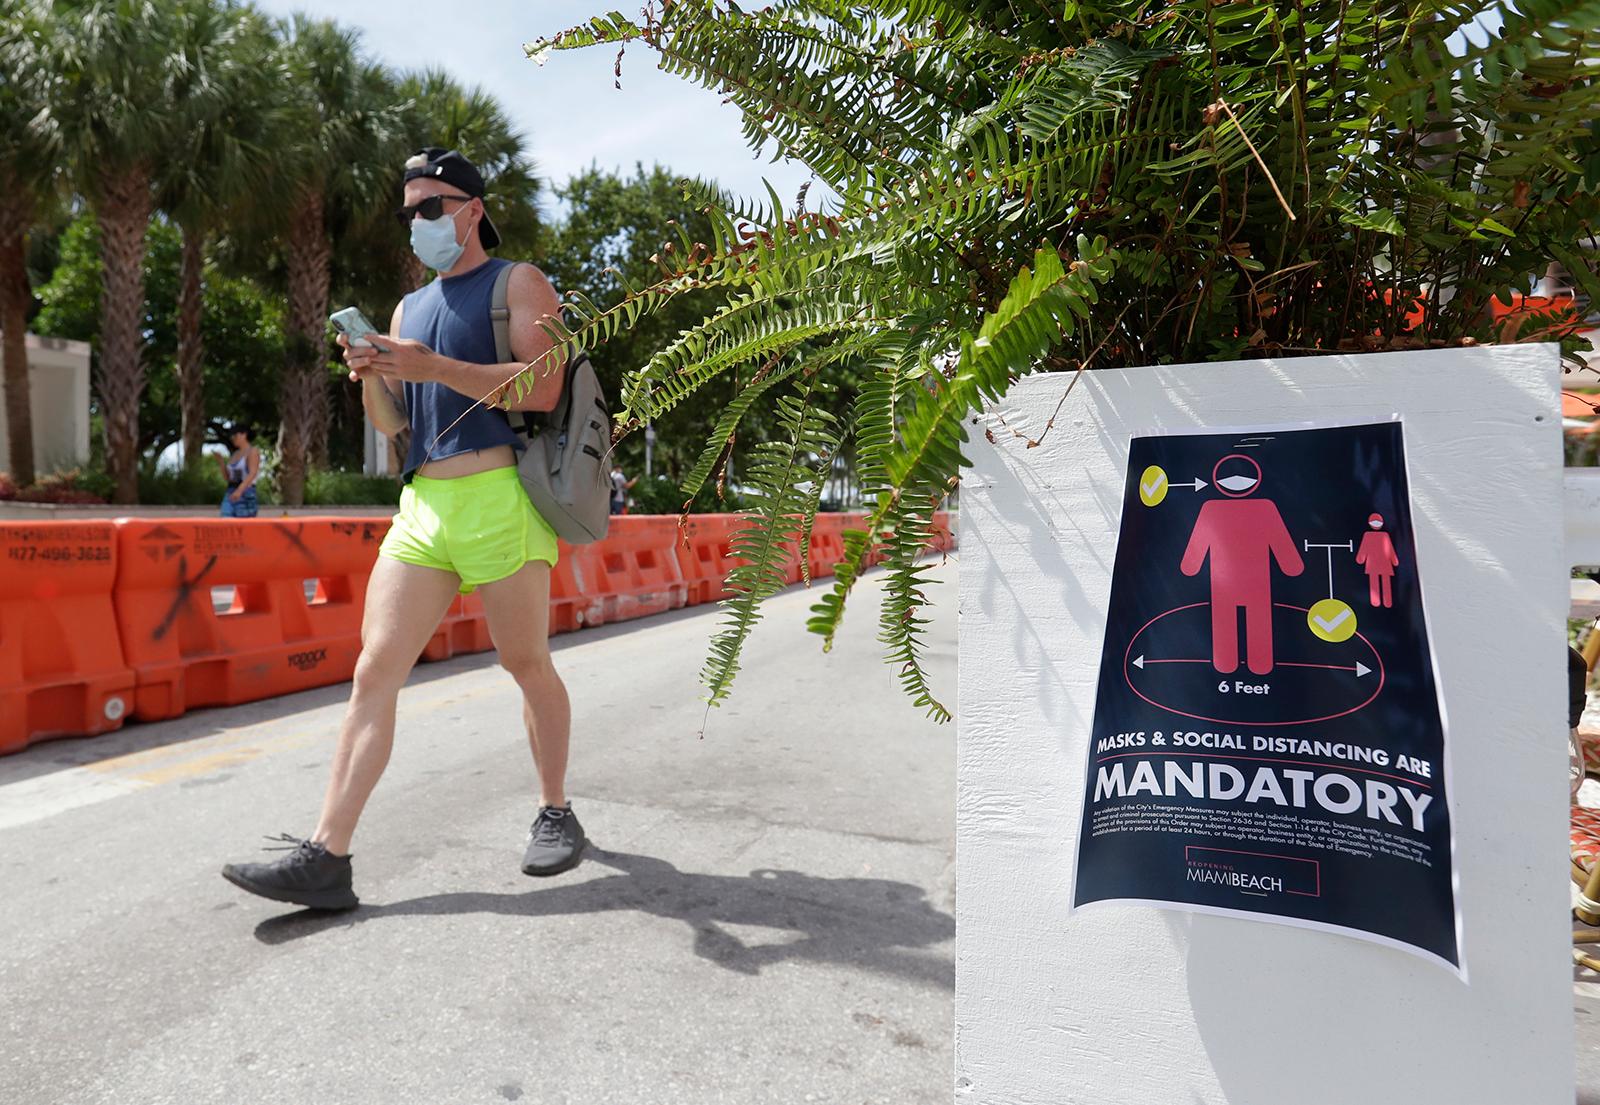 Kỷ lục mới của Hoa Kỳ về tổng số ca coronavirus trong một ngày cao nhất được thiết lập ở Florida